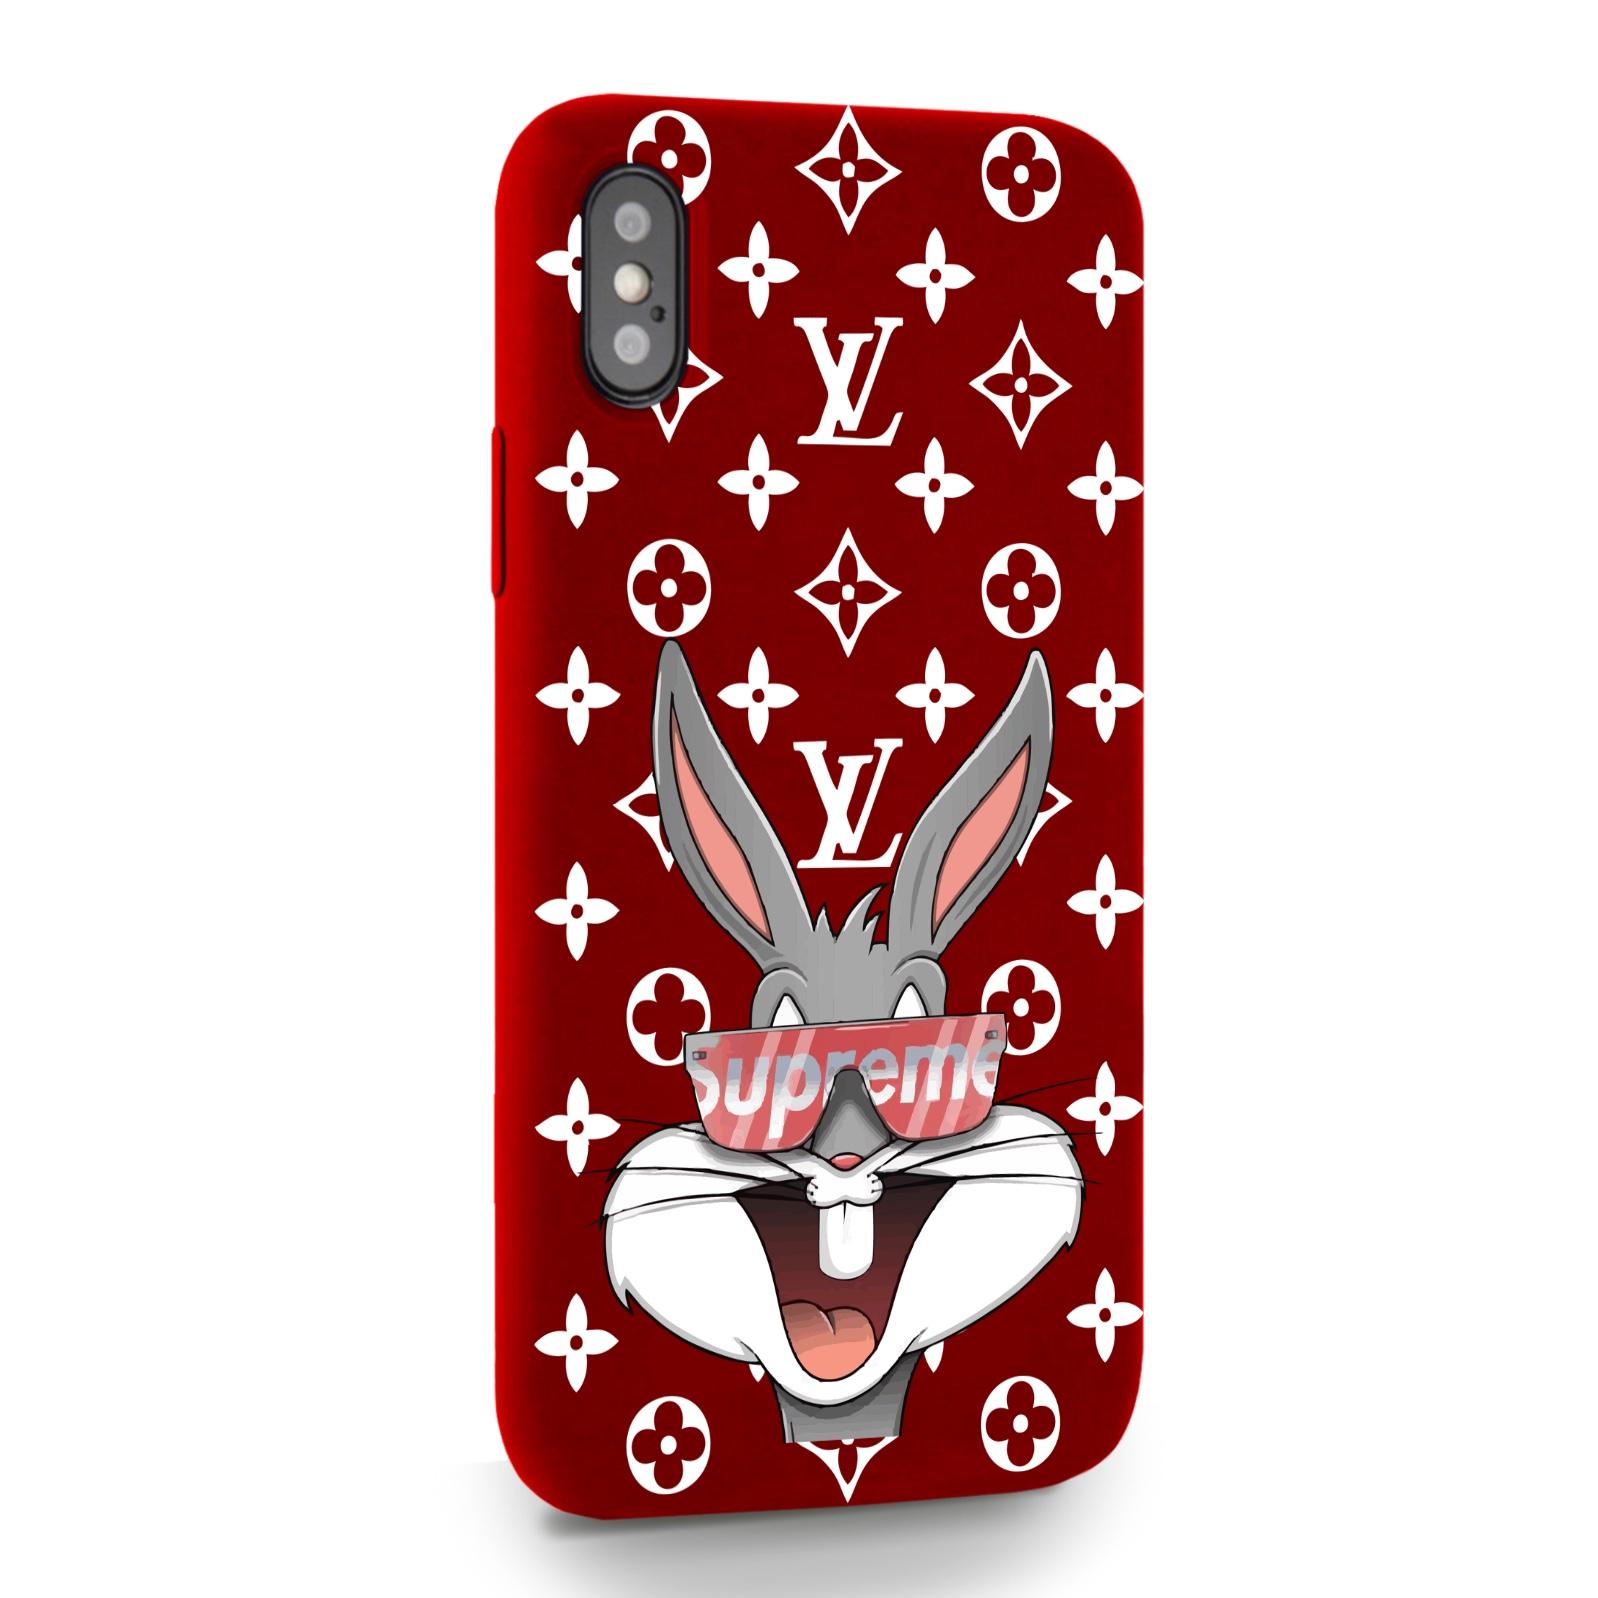 Красный силиконовый чехол для iPhone X/XS Мистер Богатый Заяц Supreme/ Mr. Rich Bunny Supreme для Айфон 10/10с